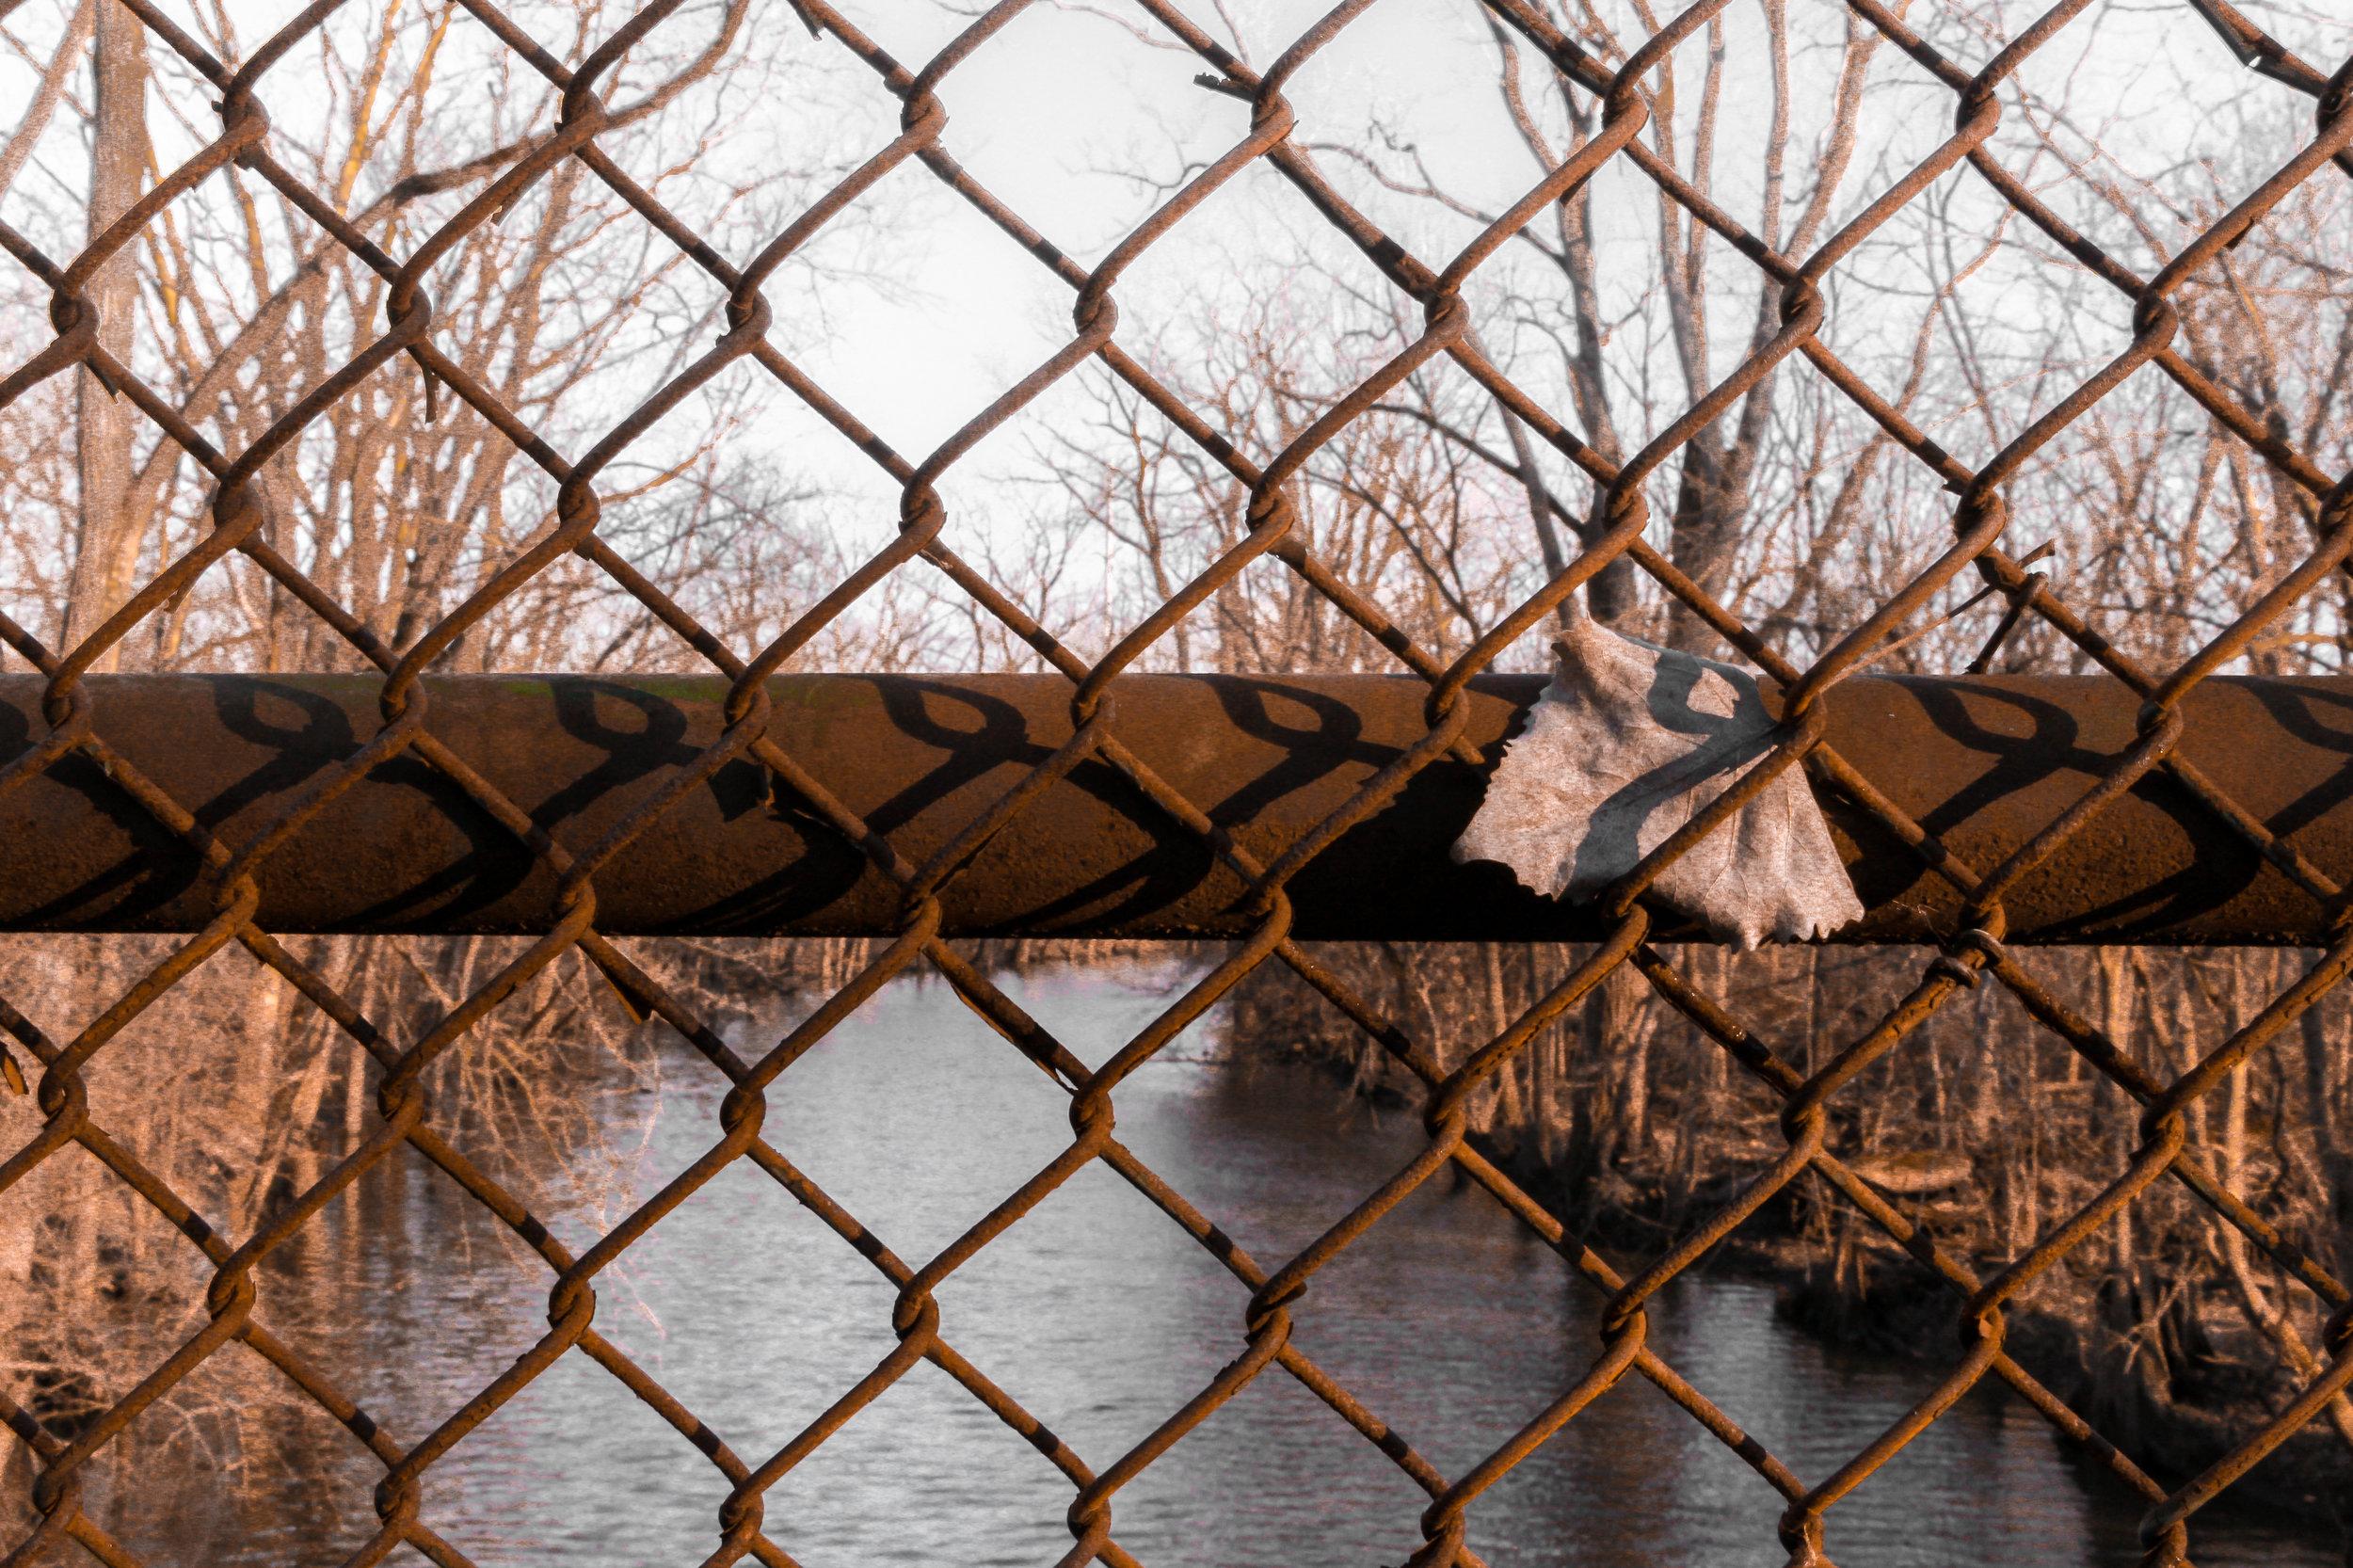 WatersmeetWoods©DanMohr2019.jpg